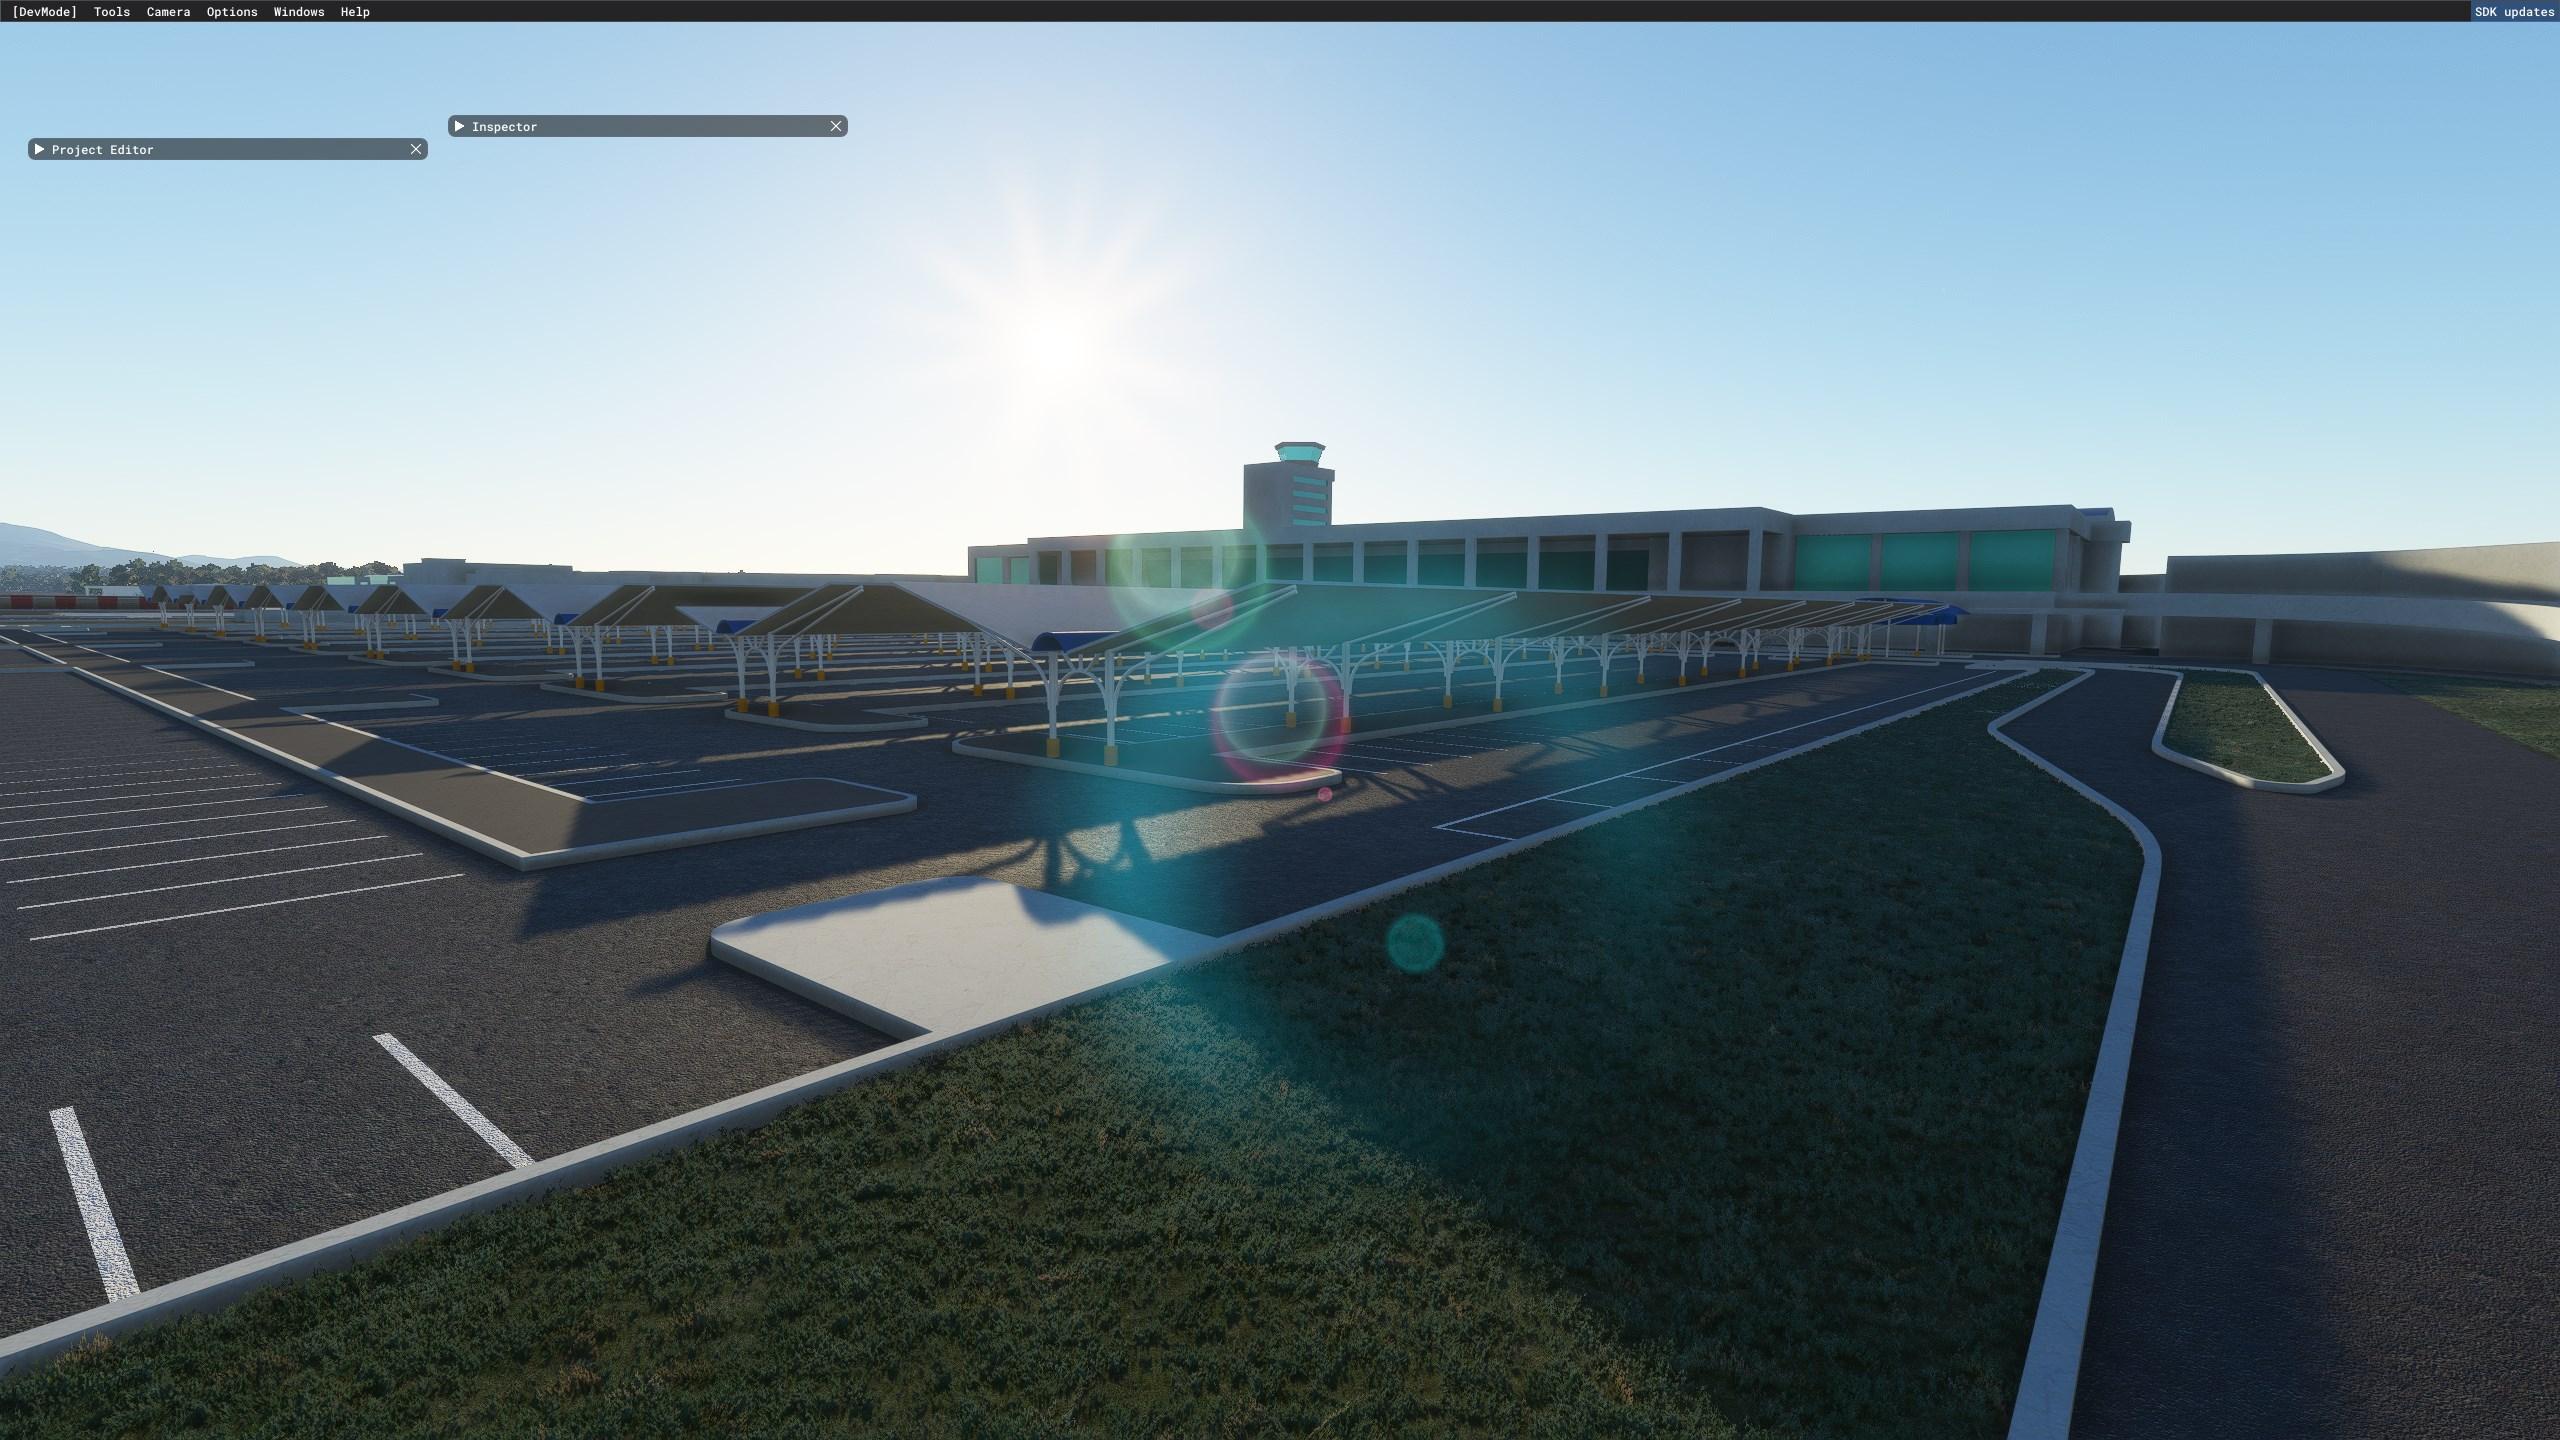 FlightSimulator_vaCvz9A25K.jpg